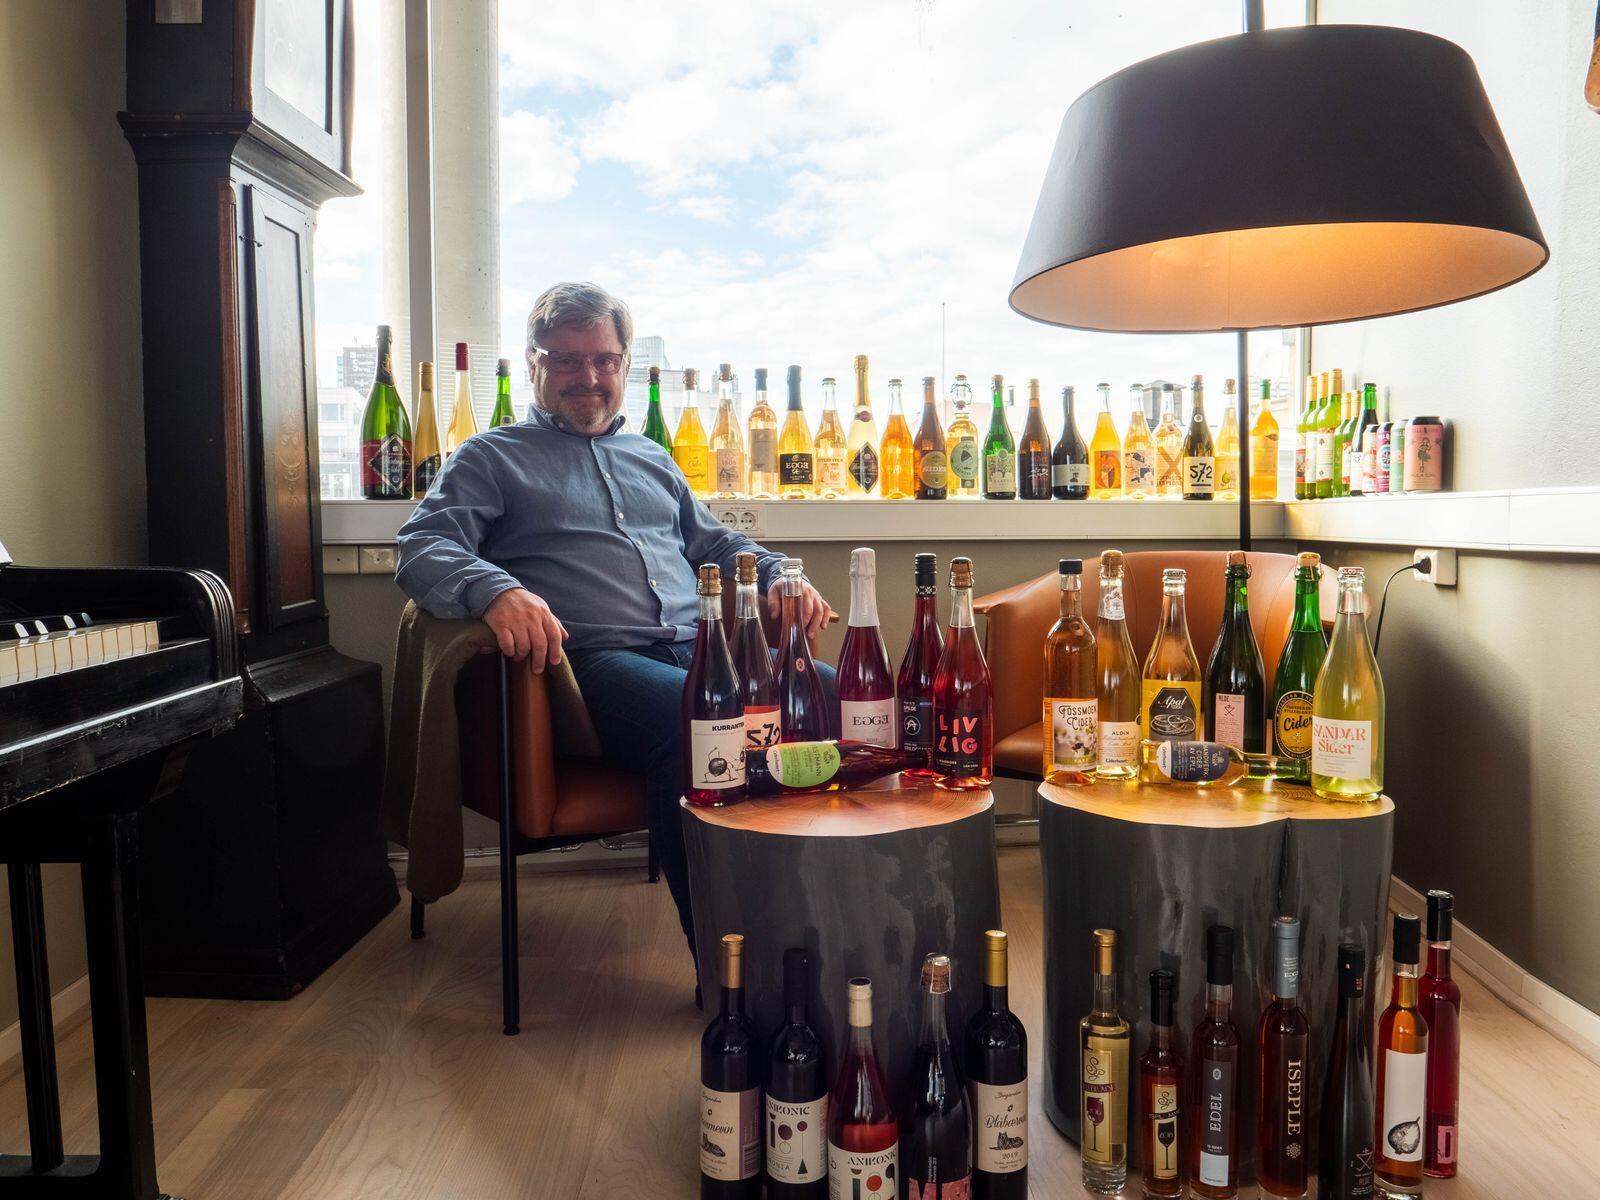 Scelta sempre più ampia: Bernd Butcher-Johannessen nell'Henan scrive che la Norvegia è diventata una nazione unilaterale.  Foto: Hanen